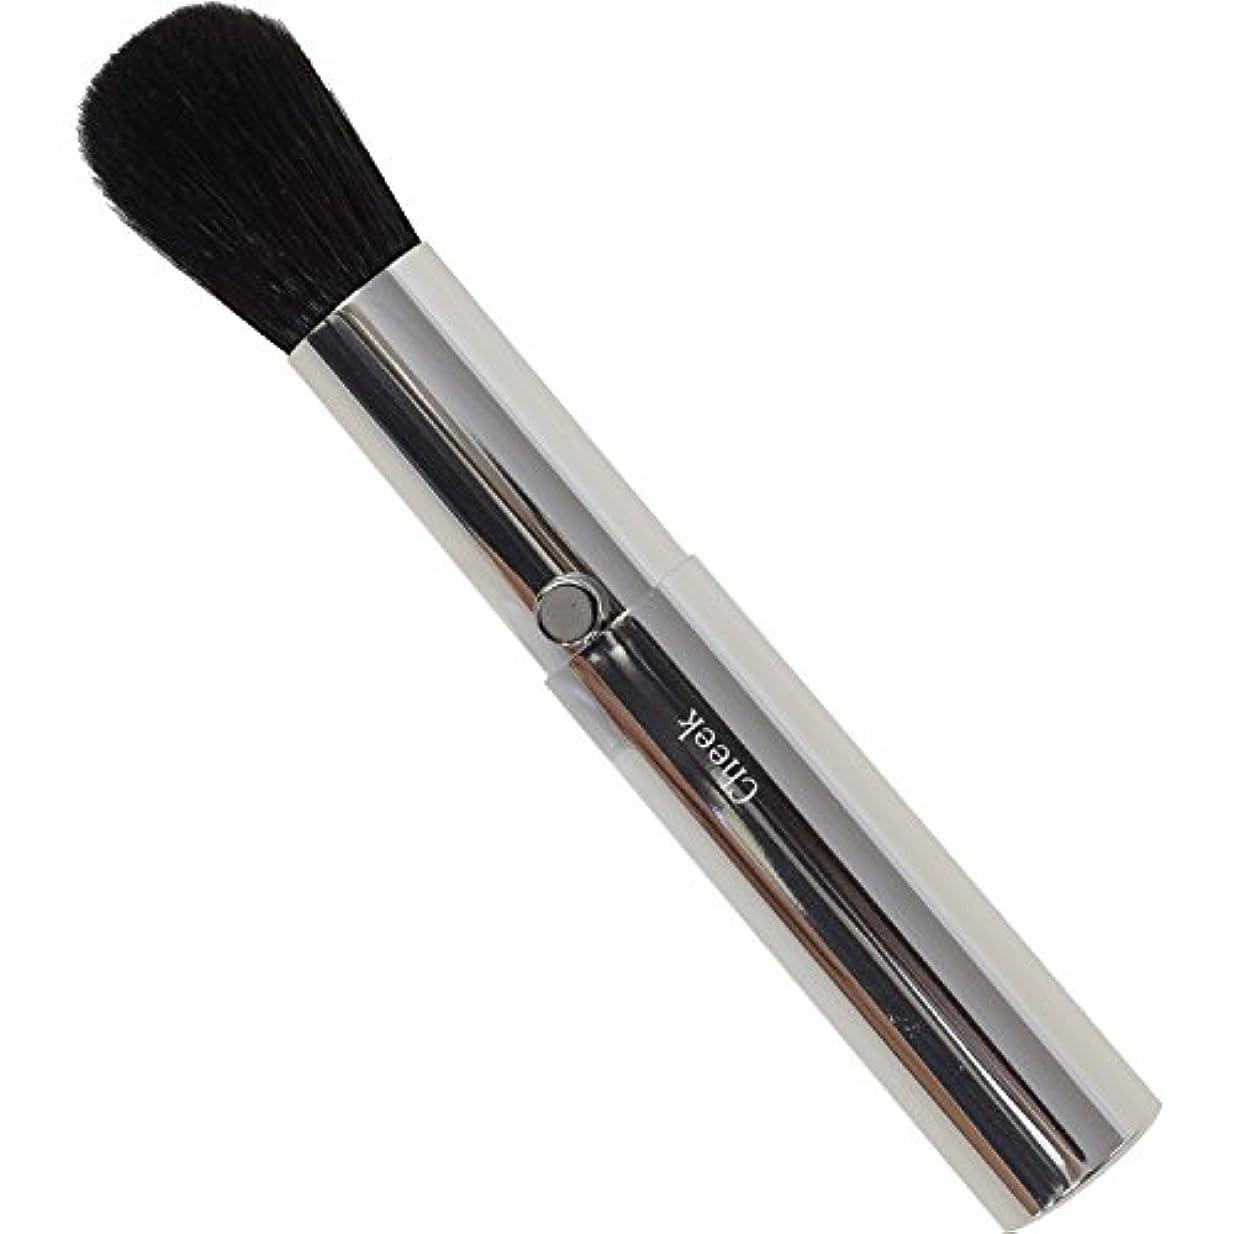 拾うピースオーバーヘッドSSS-C2 六角館さくら堂 スタイリッシュシンプルチークブラシ 粗光峰100% 高品質のスライドタイプ化粧筆